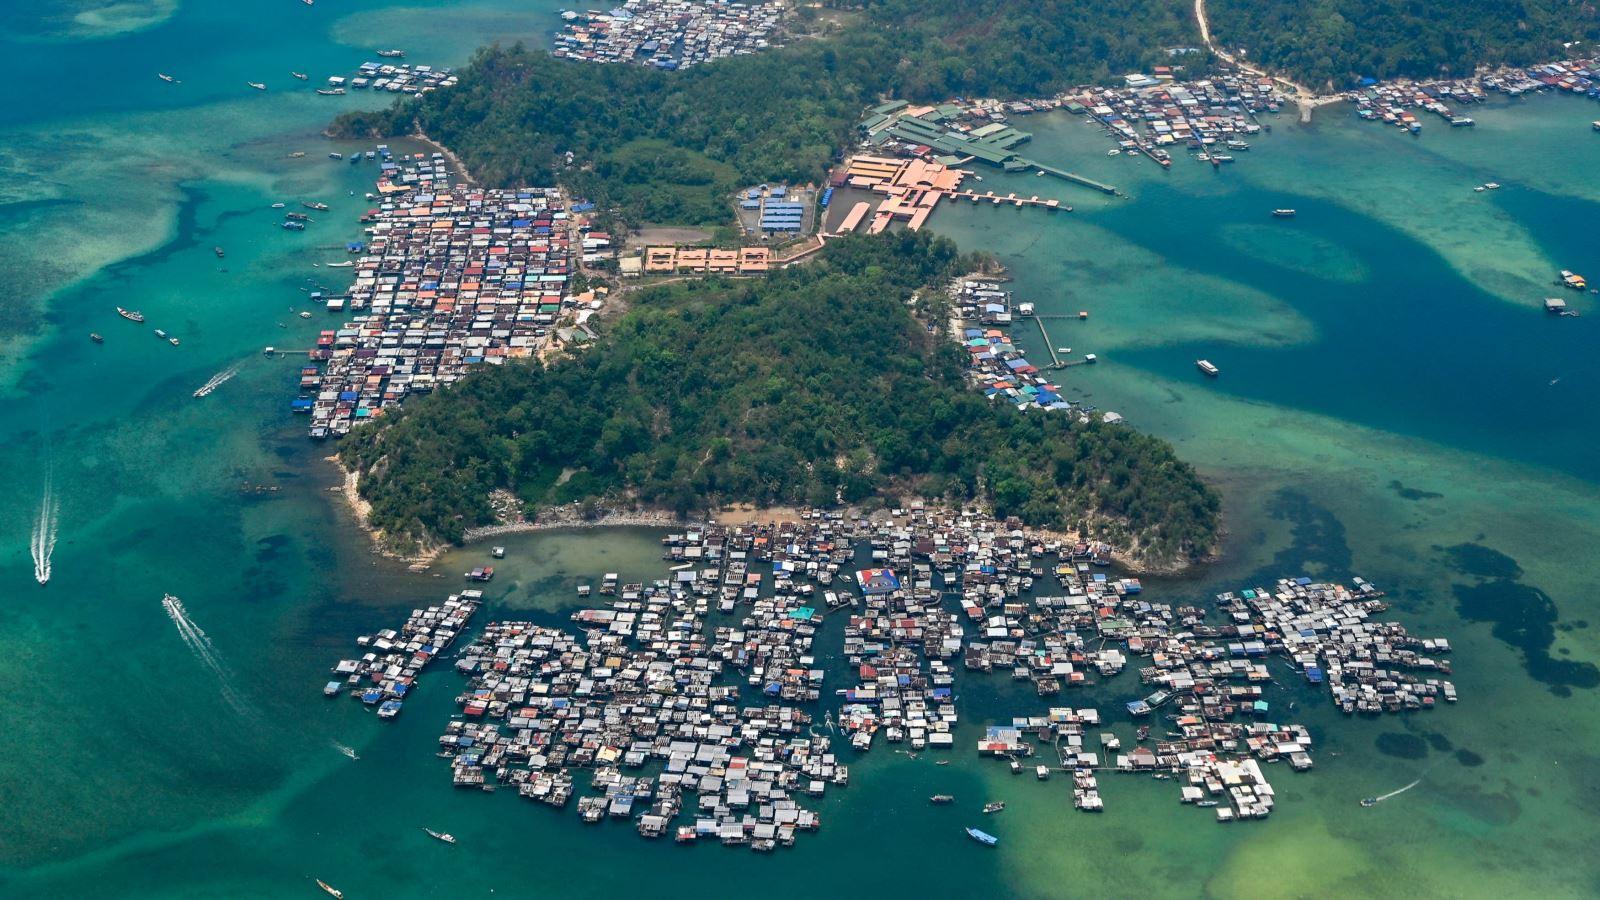 Philippines Malaysia căng thẳng ngoại giao vì chủ quyền vùng lãnh thổ Sabah